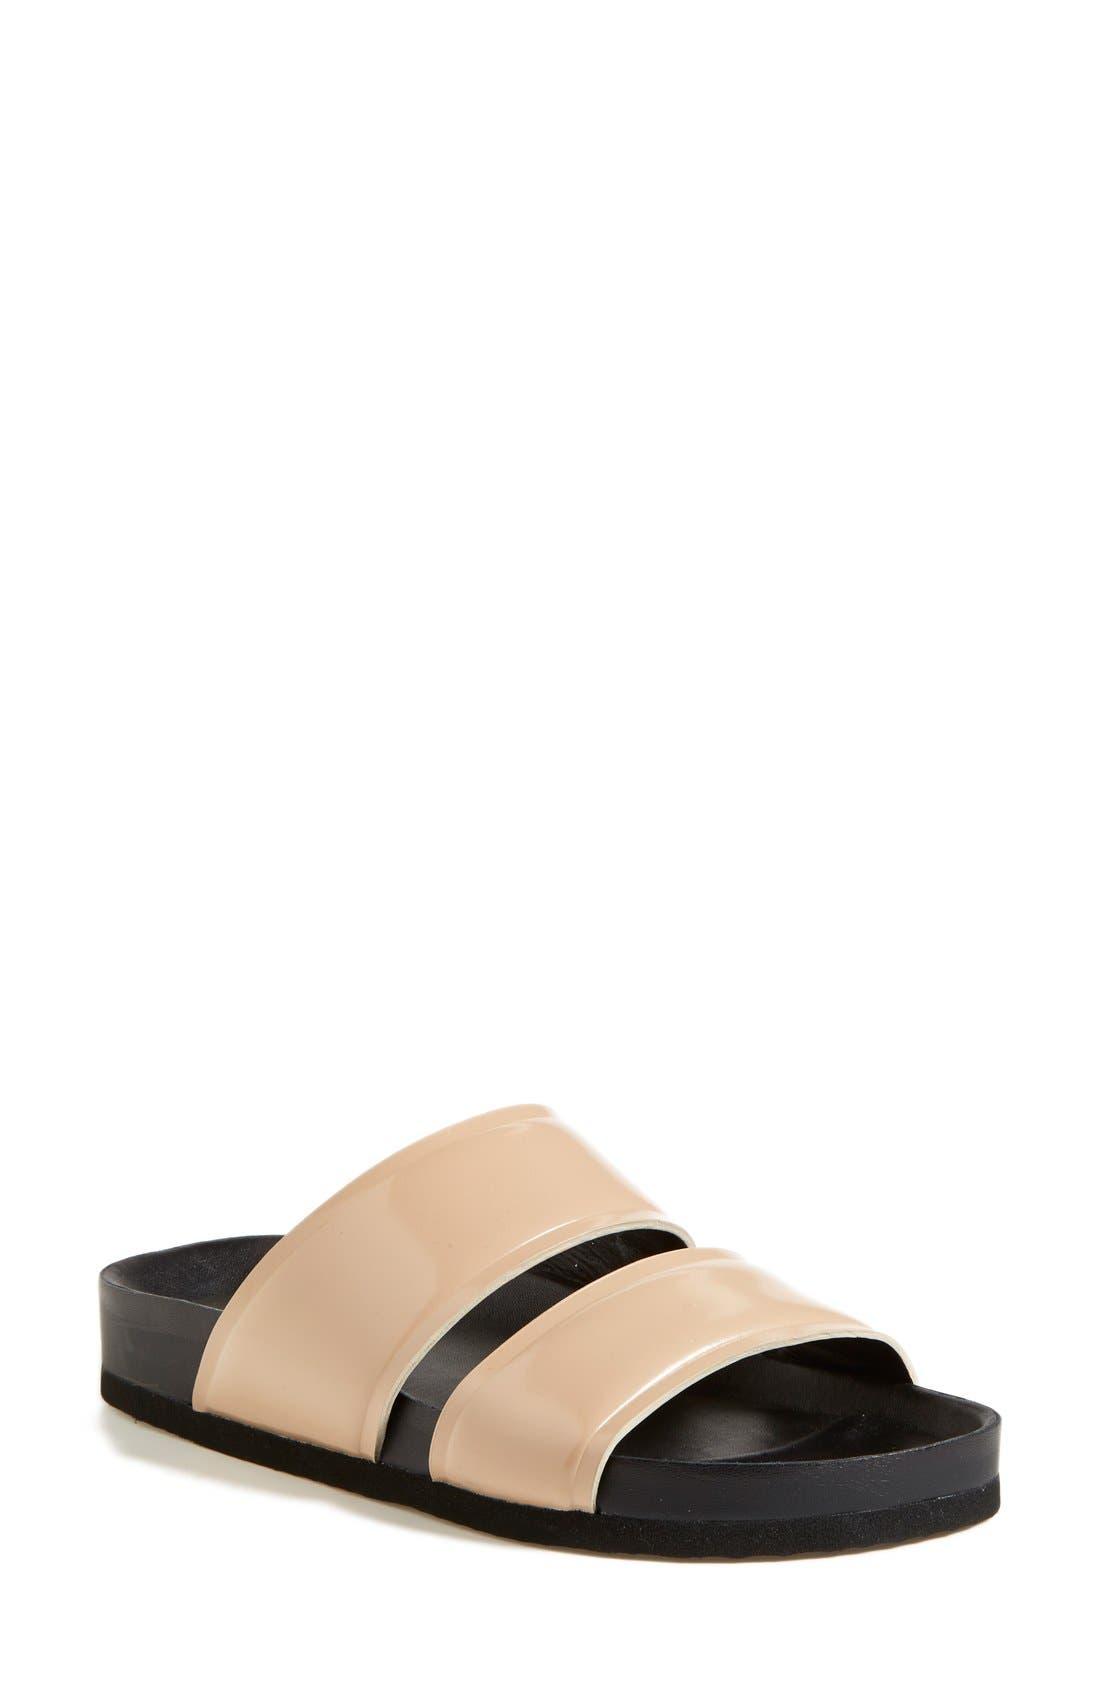 Main Image - Vince 'Orion' Slide Sandal (Women)